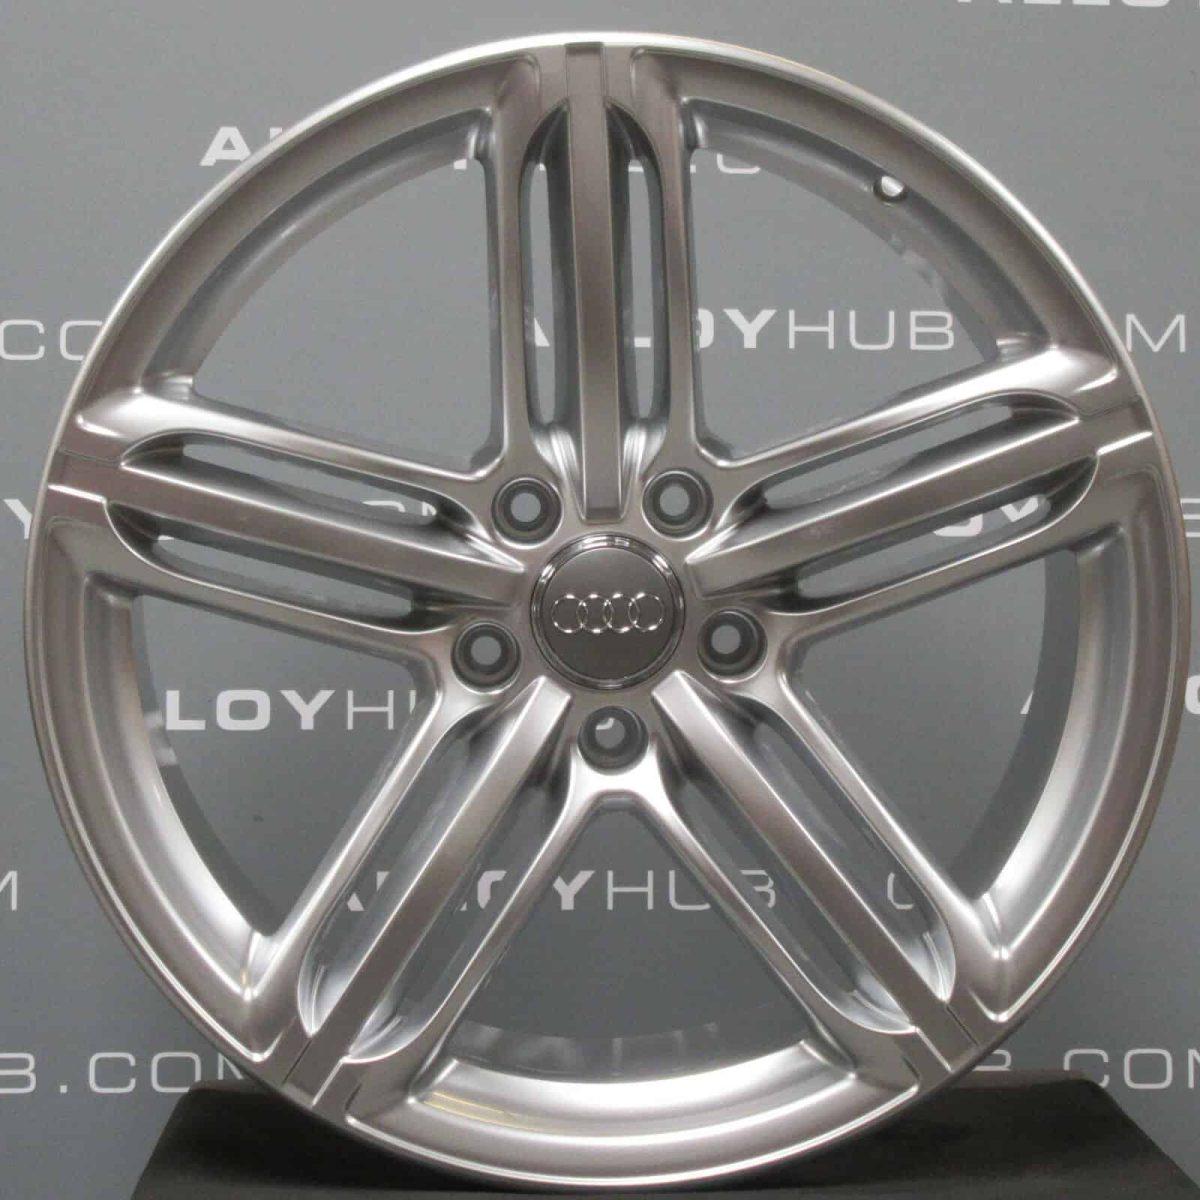 """Genuine Audi Q7 4L 21"""" Inch 5 Segment Spoke S-Line Alloy Wheels with Silver Finish 4L0 601 025 BH"""